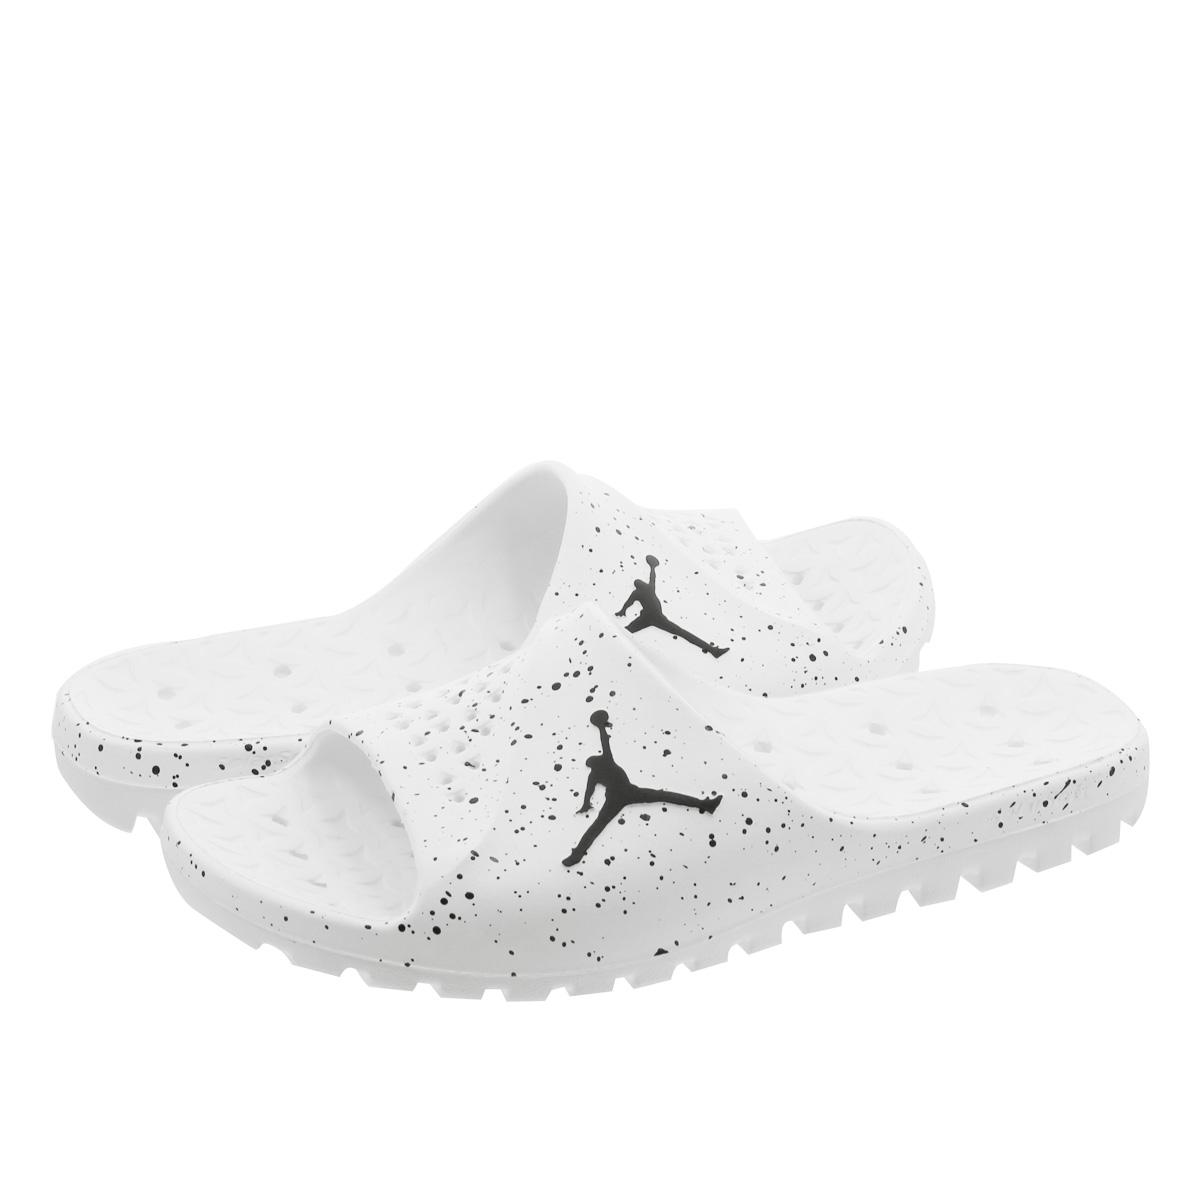 sports shoes 7aeb4 e7d84 FLY TEAM SLIDE Nike Jordan super fly team slide WHITE BLACK 716,985-100